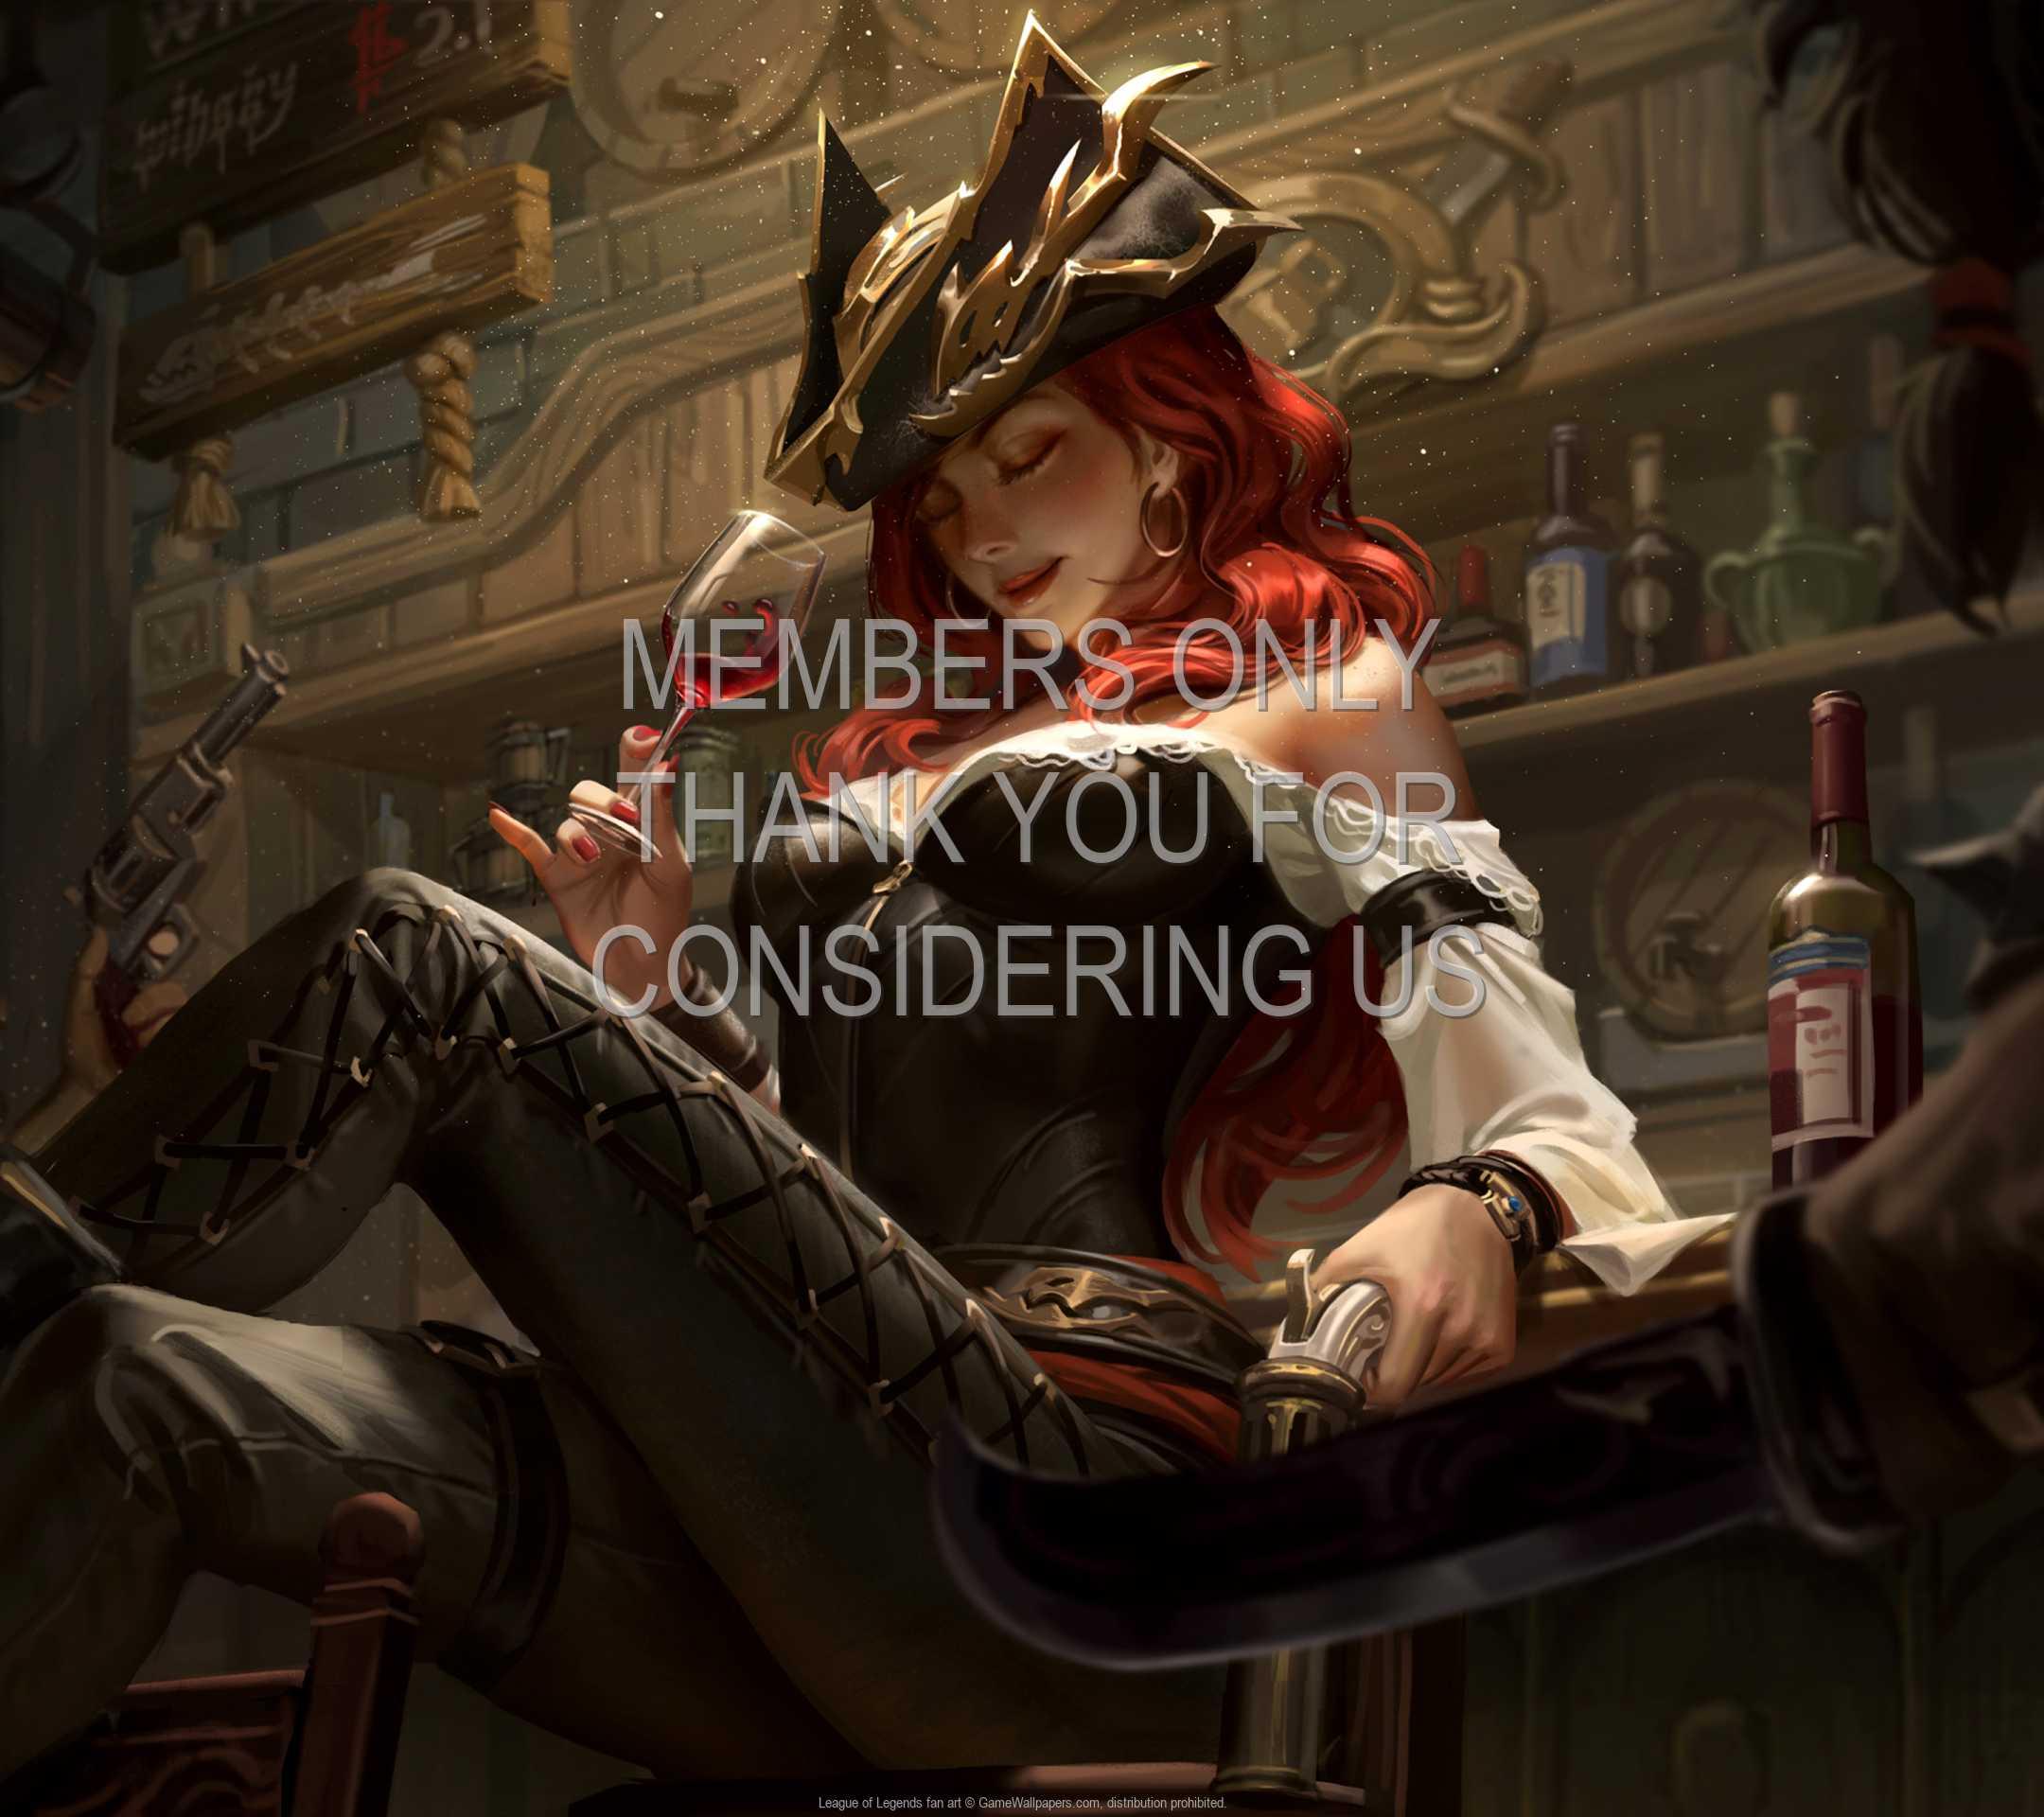 League of Legends fan art 1080p Horizontal Mobiele achtergrond 09